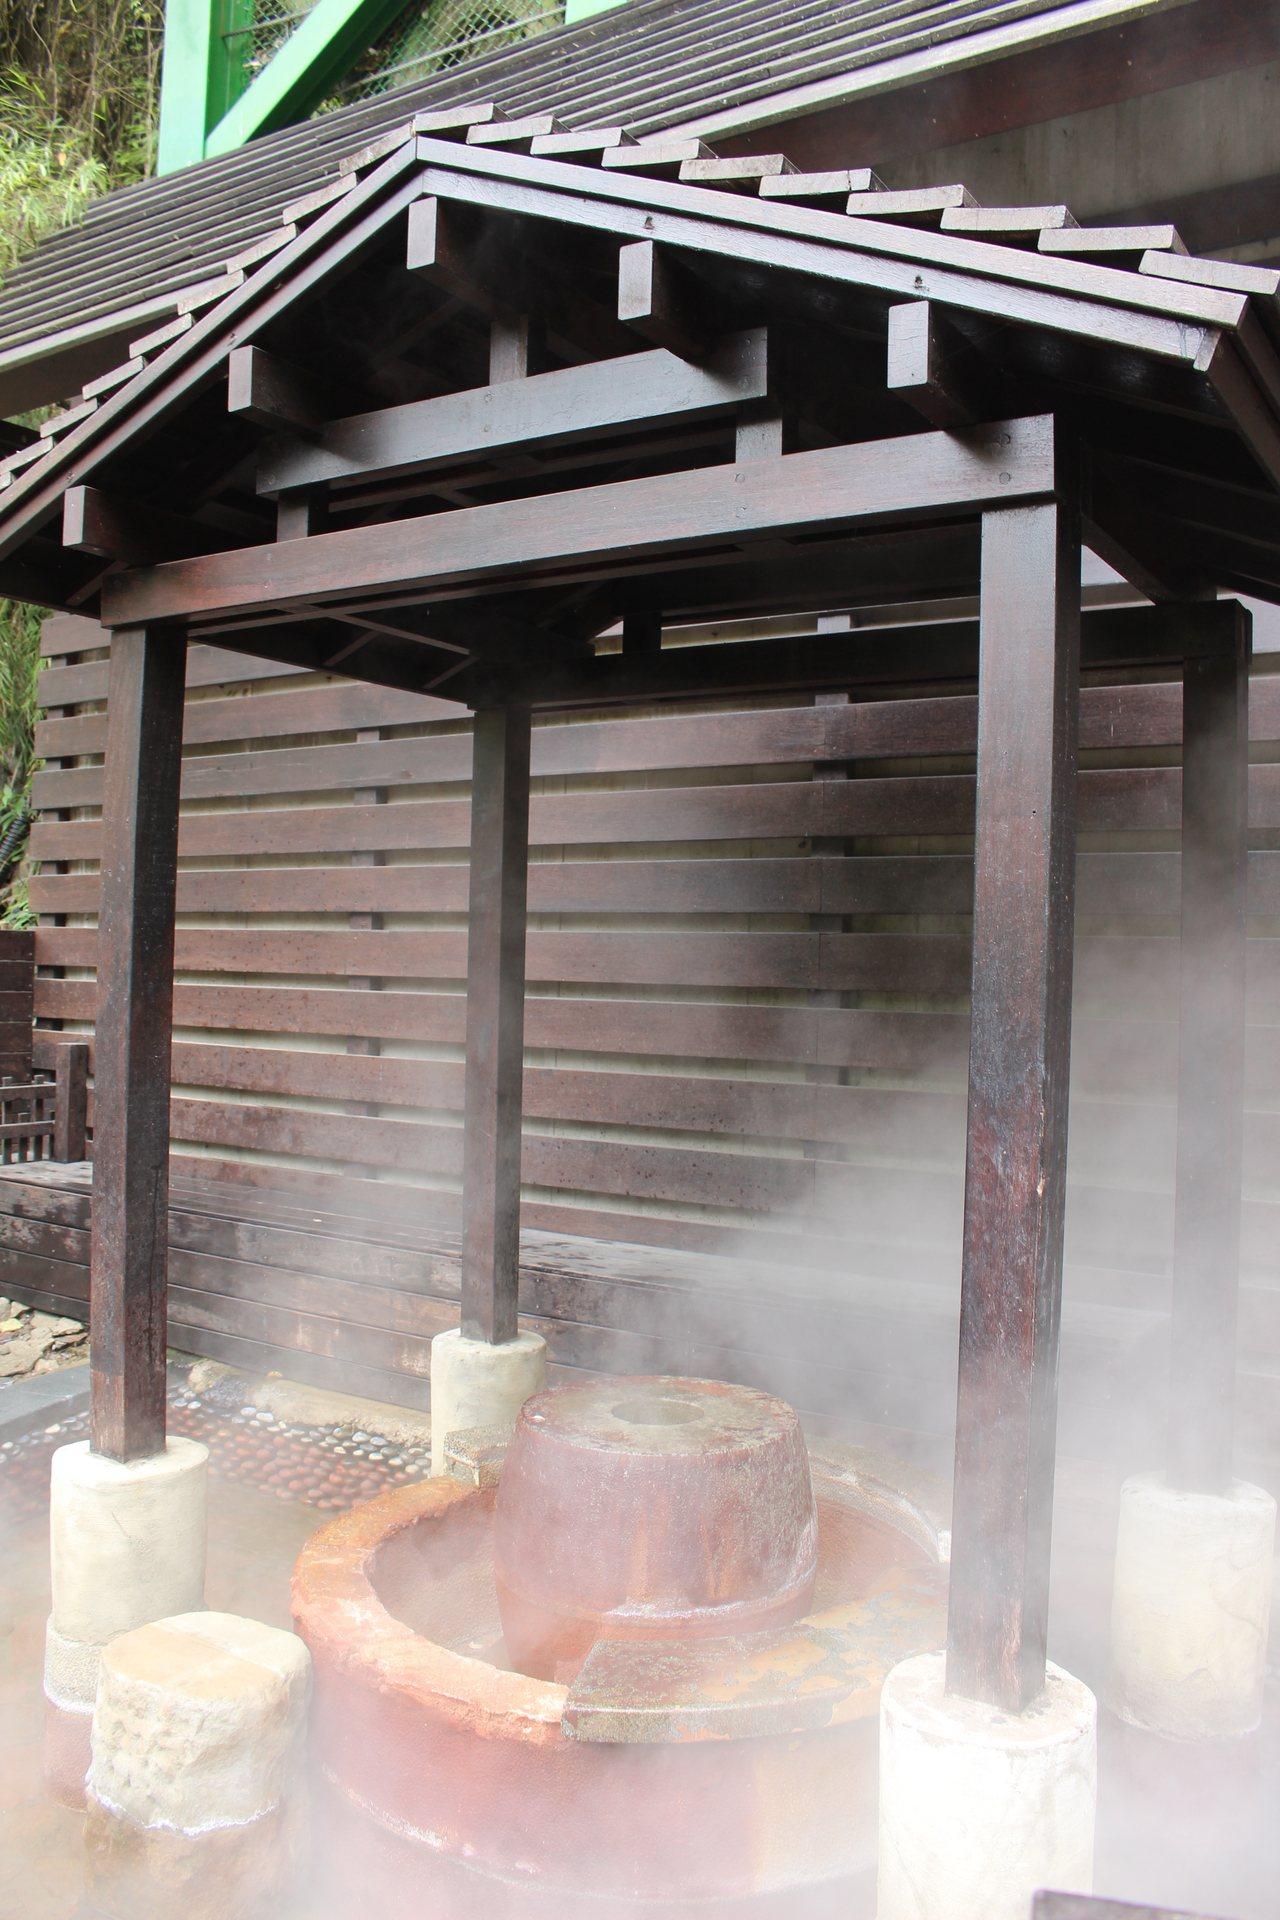 新竹縣五峰鄉的清泉部落將軍湯溫泉,是日據時代以來珍貴的溫泉資產,周一公休。 圖/...